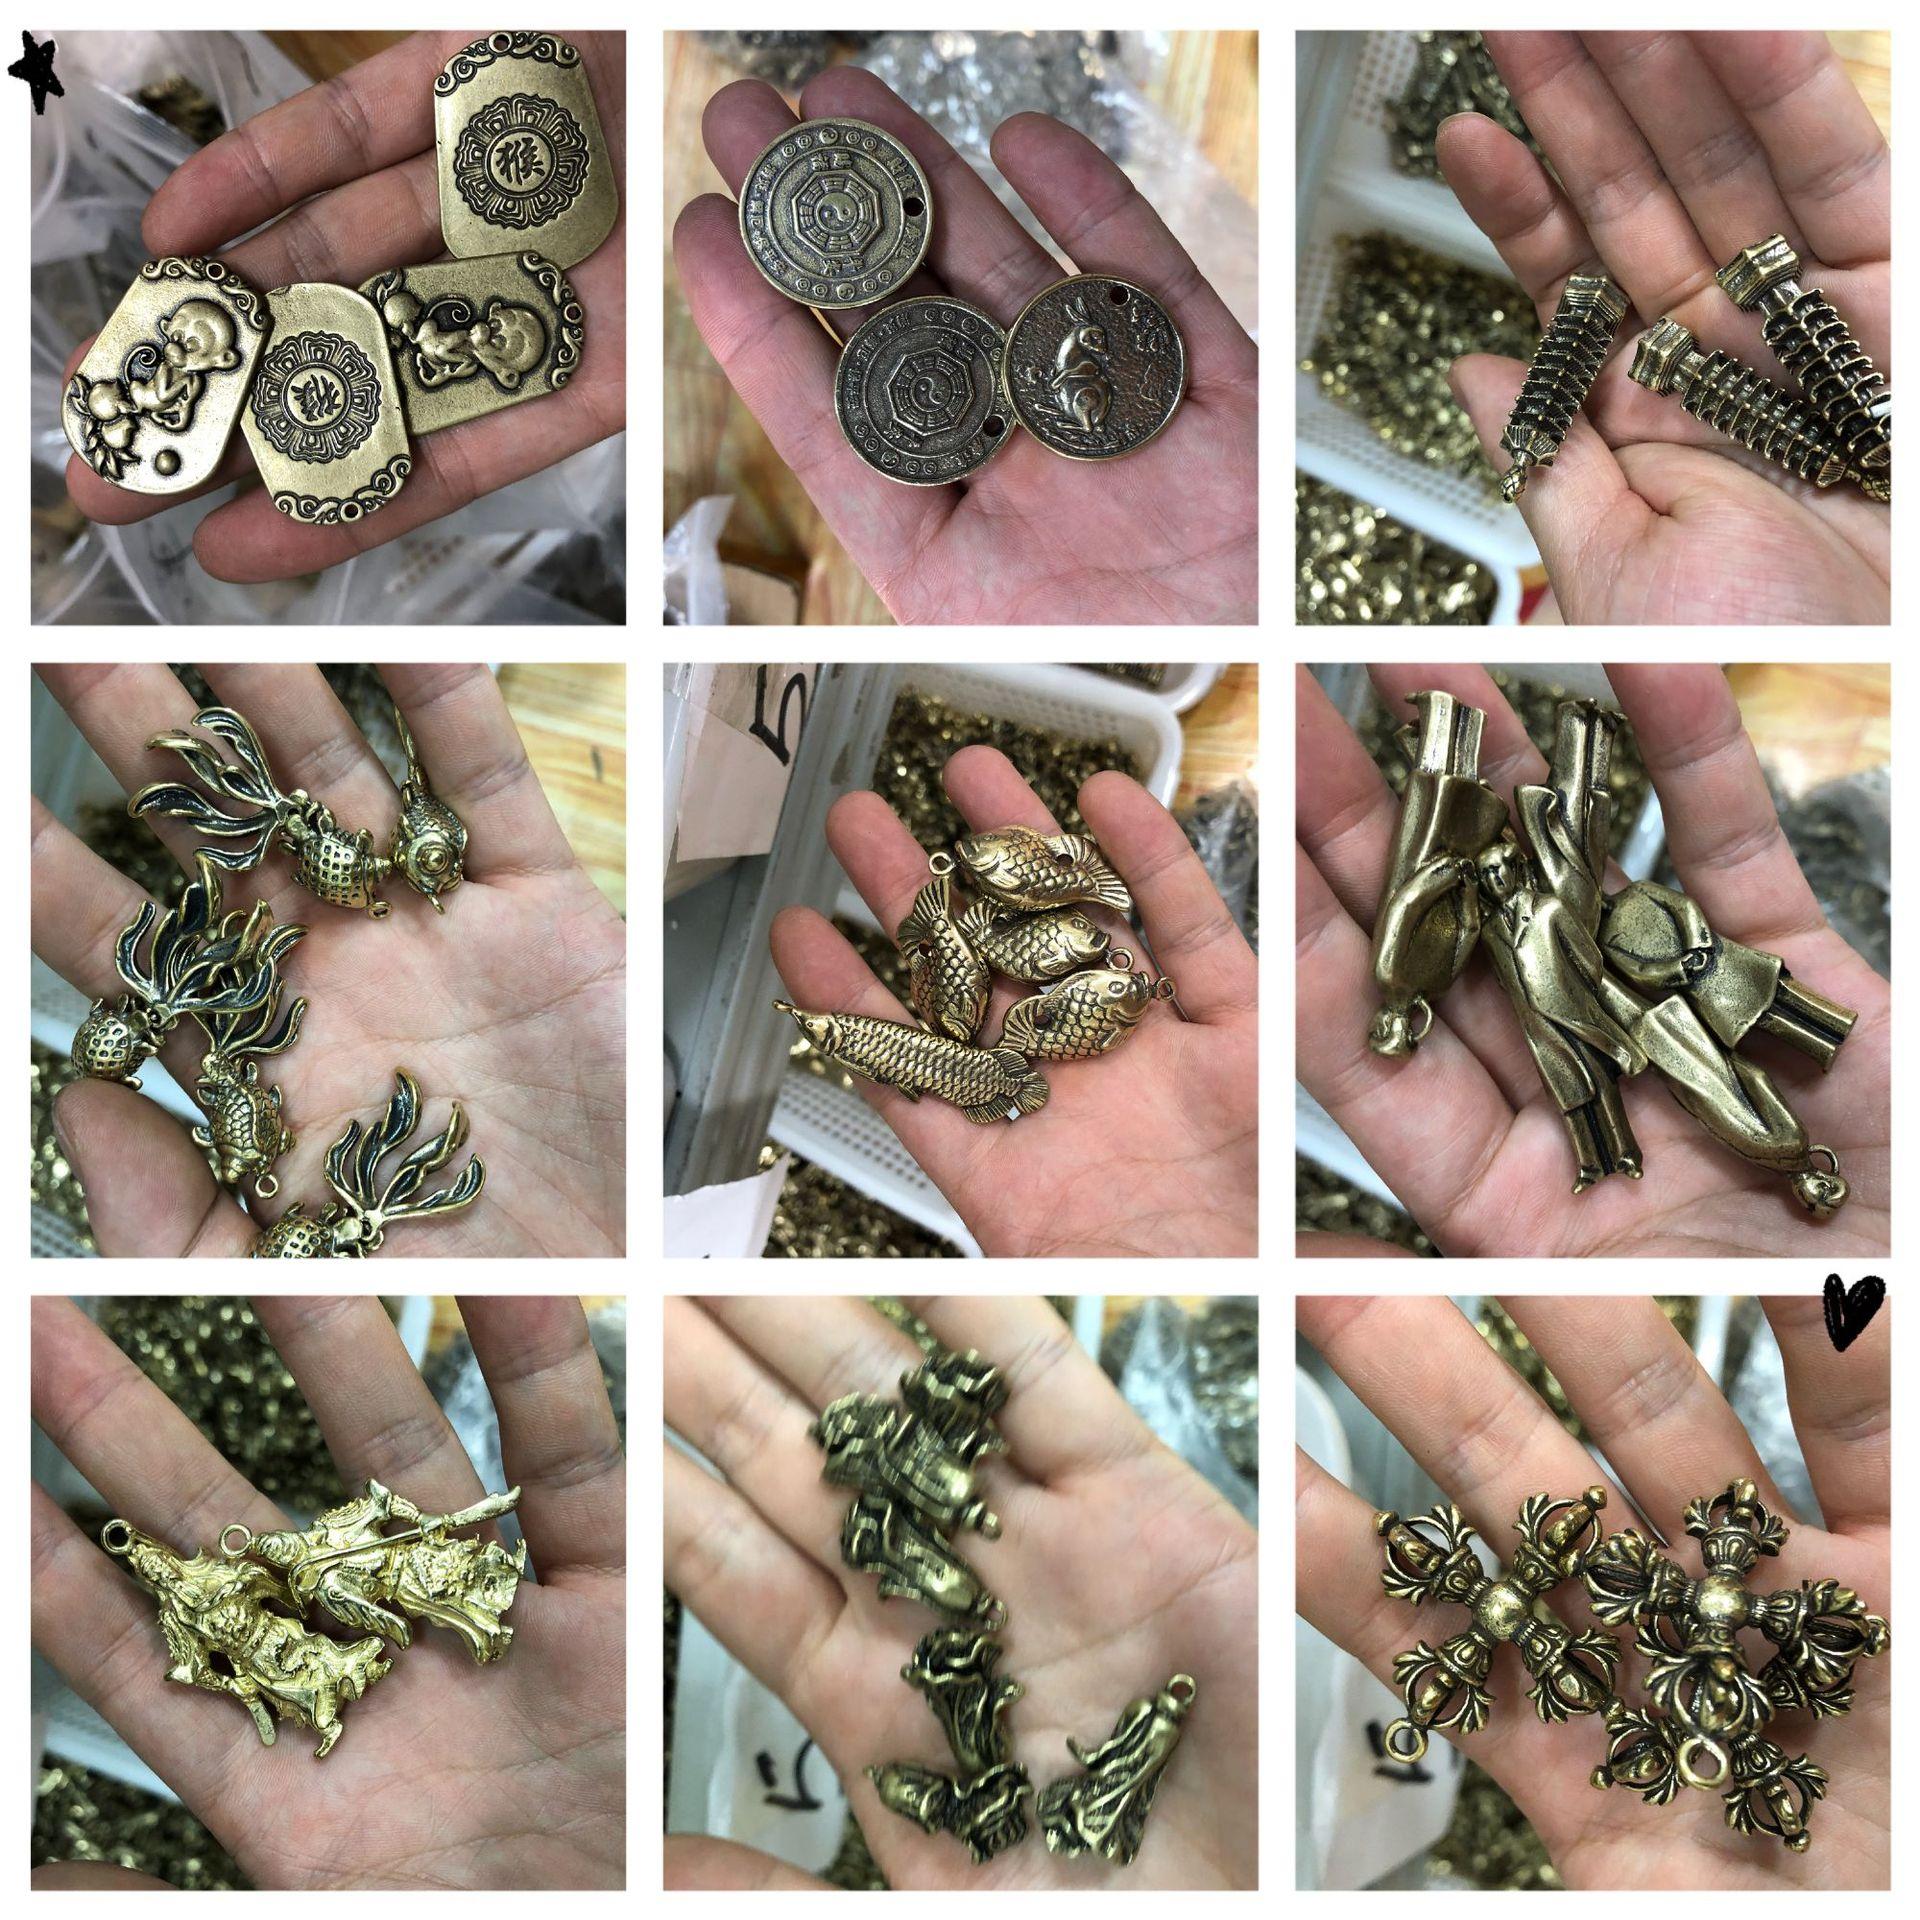 跑江湖地摊云南老铜器批发 仿古纯铜件挂件钥匙扣